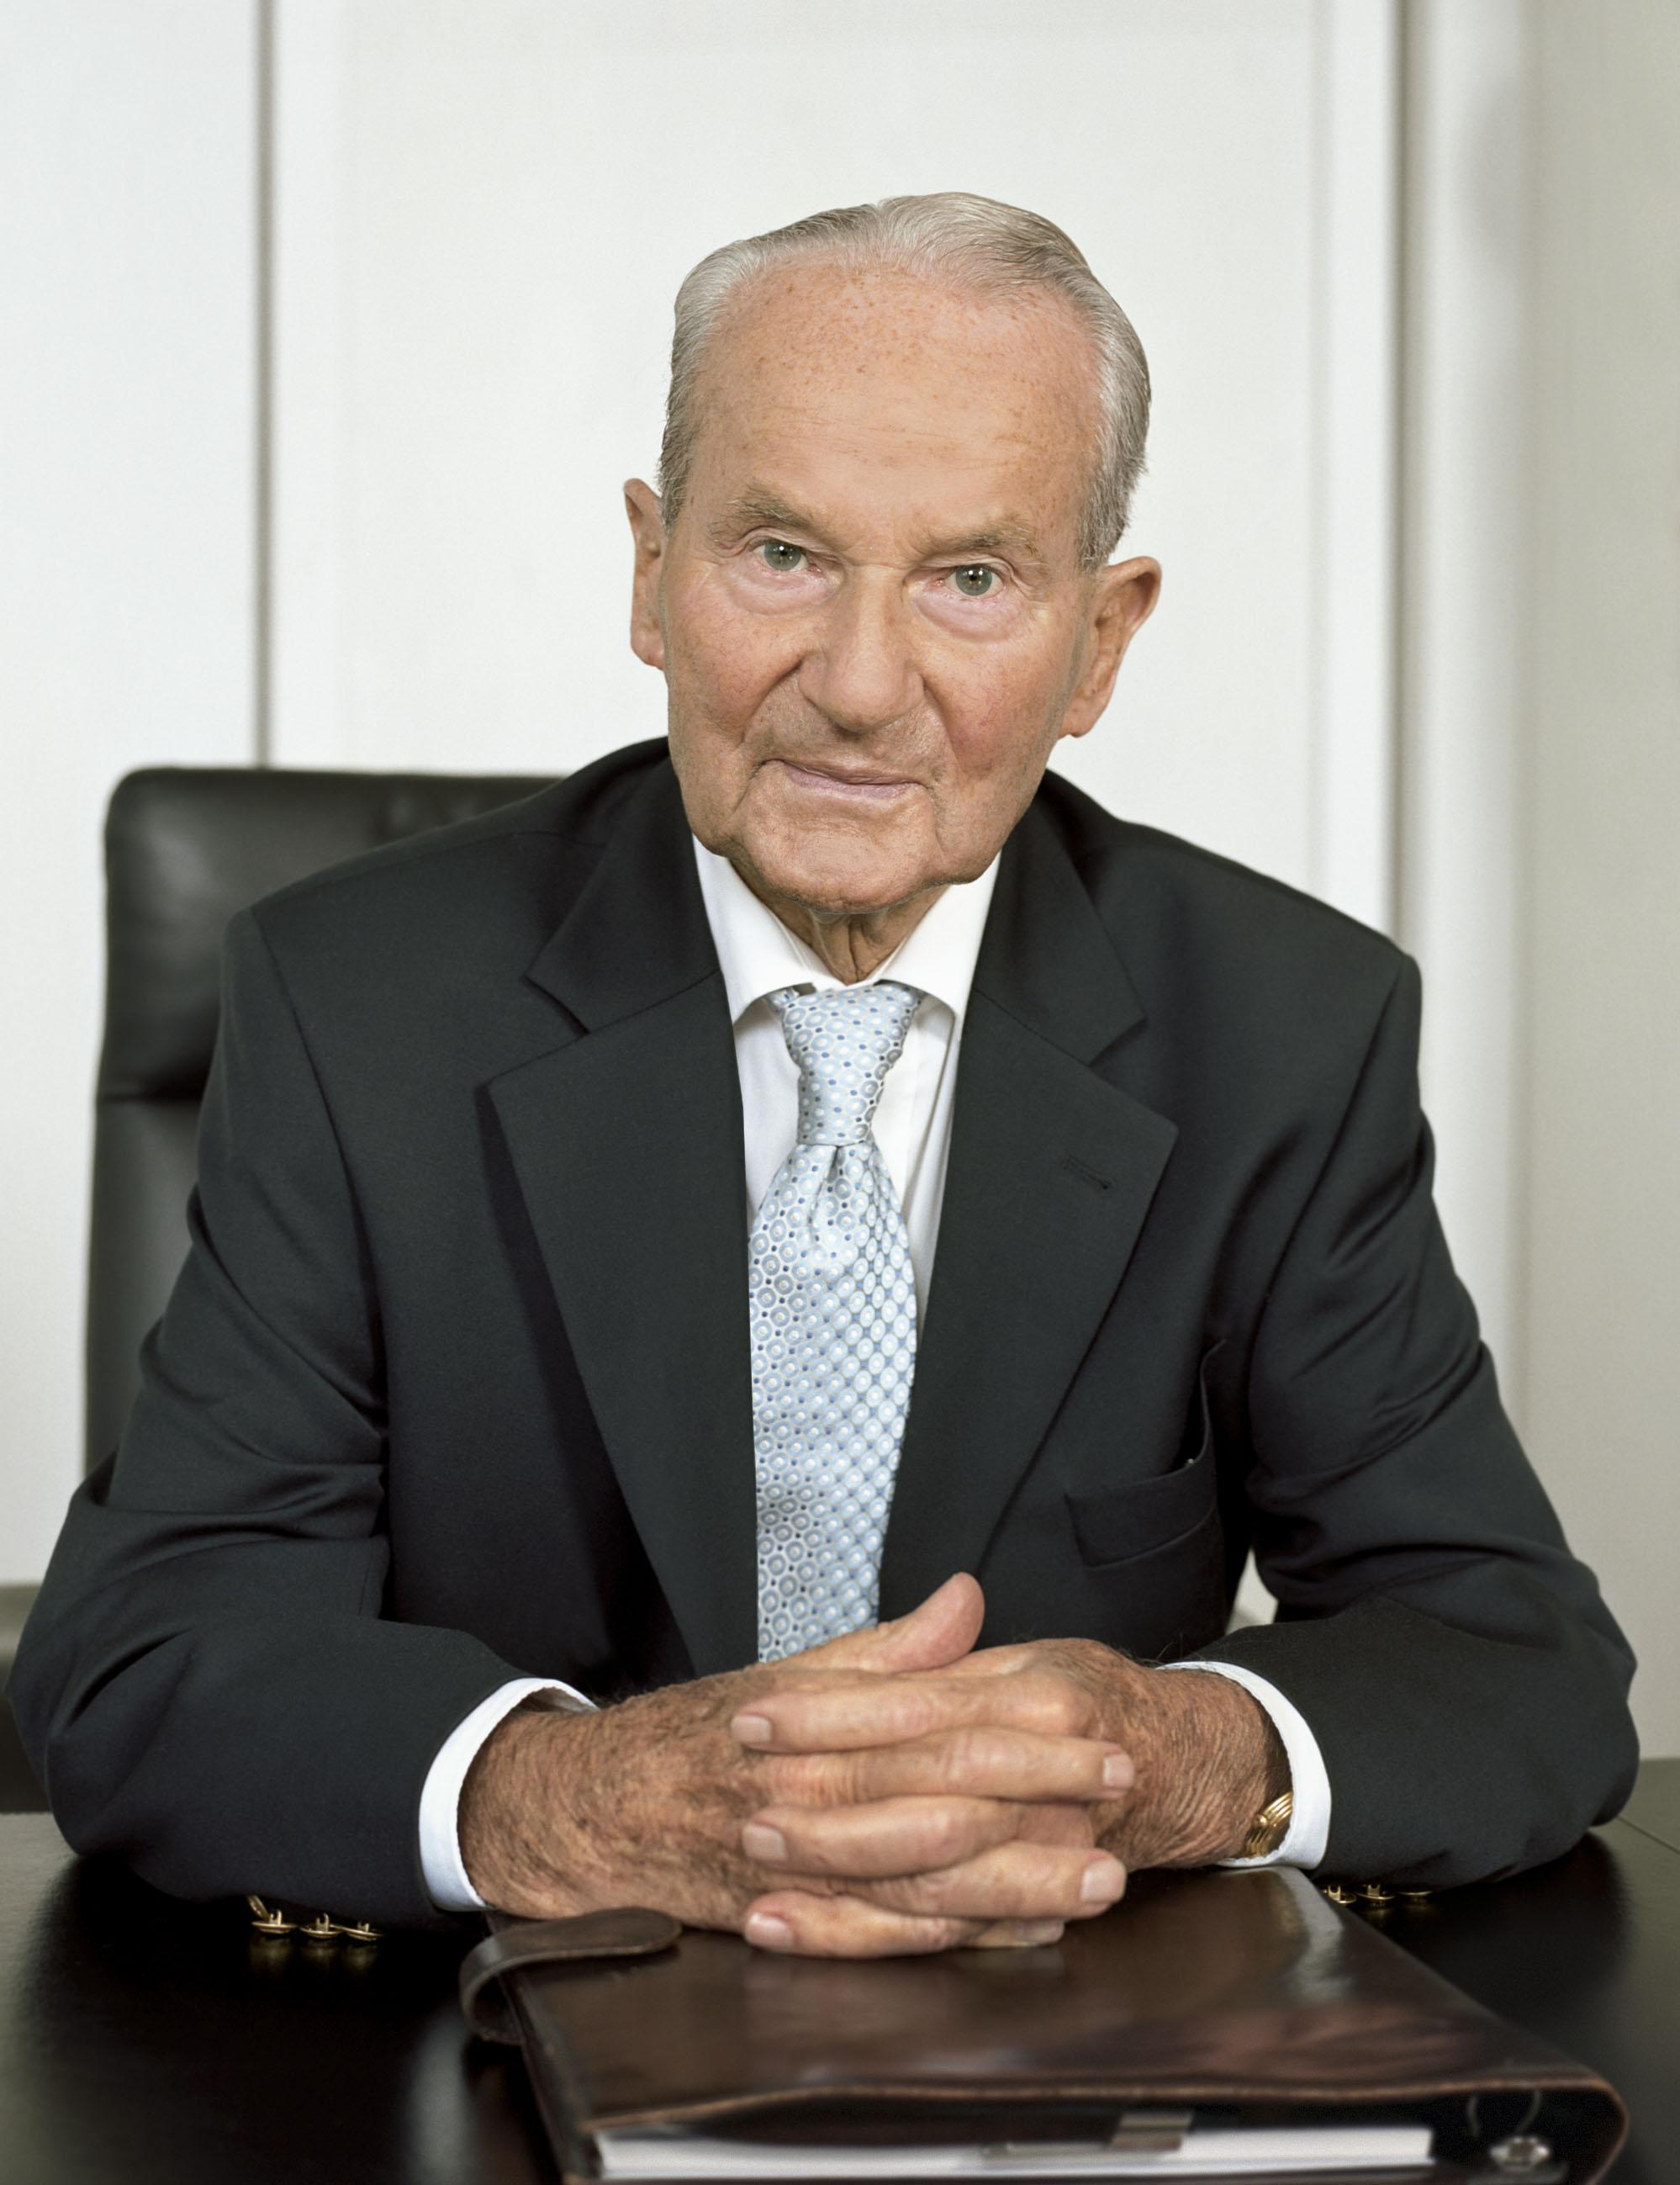 Reinhard Mohn (2008)